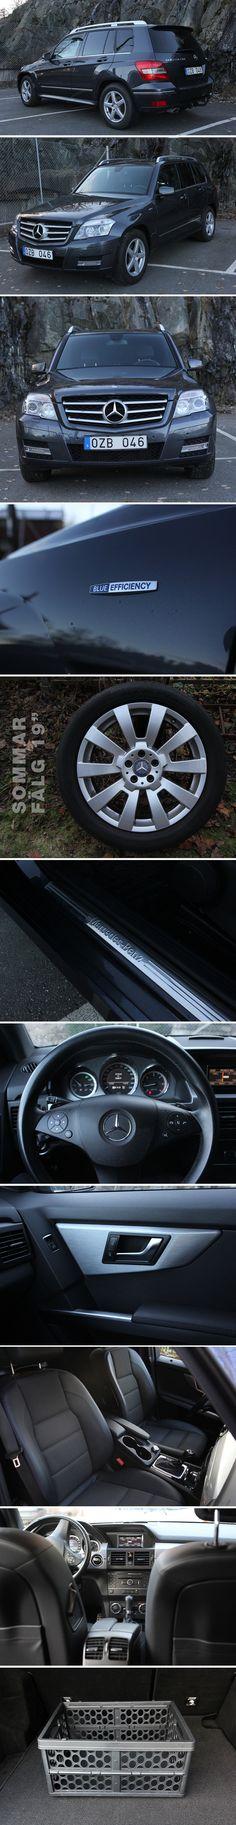 Mercedes-Benz GLK 220 CDI 4MATIC Fordonsår: 2012 Miltal: 5900 Färg: Utrustning: Automat, Diesel, 4WD, ABS bromsar, ACC/Klimatanläggning, Airbag förare & passagerare, Antisladdsystem, Automat med paddlar, Avtagbar dragkrok, C-lås, CD-stereo Audio 20, Elektriskt öppningsbar baklucka, bagagerums skydd/matta i plast, Elhissar fram & bak, Elspeglar, Elstol förare, Elstol passagerare fram, Farthållare, Fjärrstyrt c-lås, Färddator, Knäairbag, Krompaket, Kurvtagningsljus, Larm, LM-fä Pris: 249 000